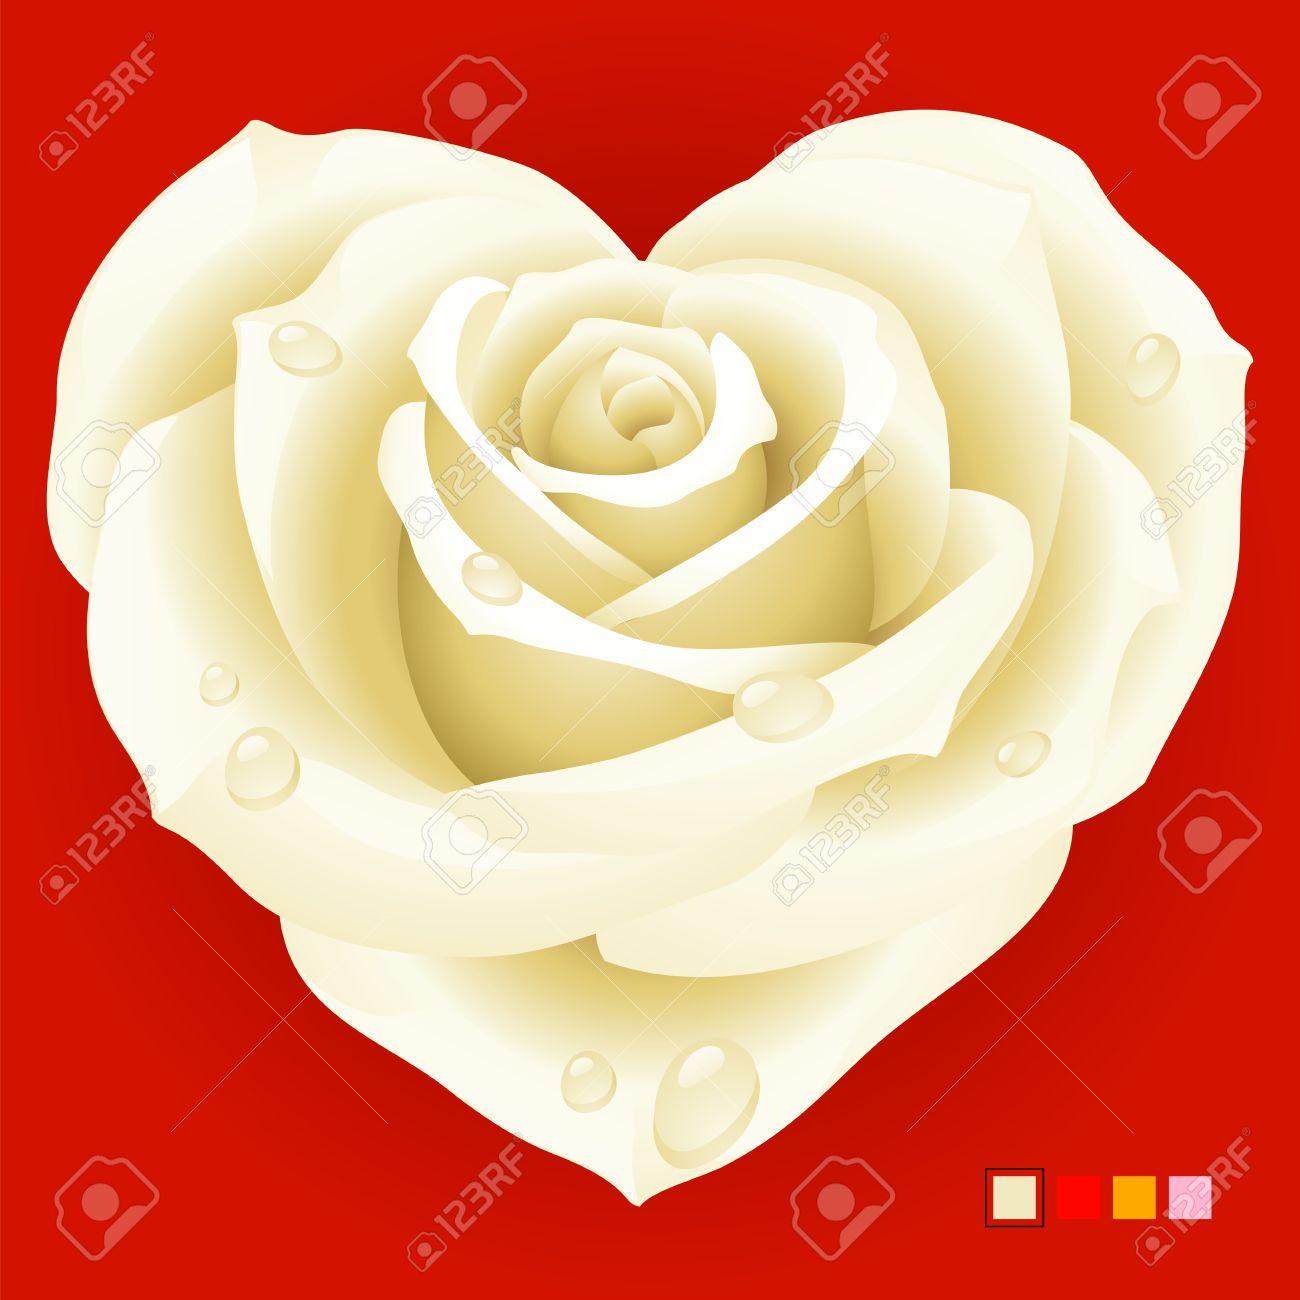 Rosa Blanca En Forma De Corazón Ilustraciones Vectoriales Clip Art